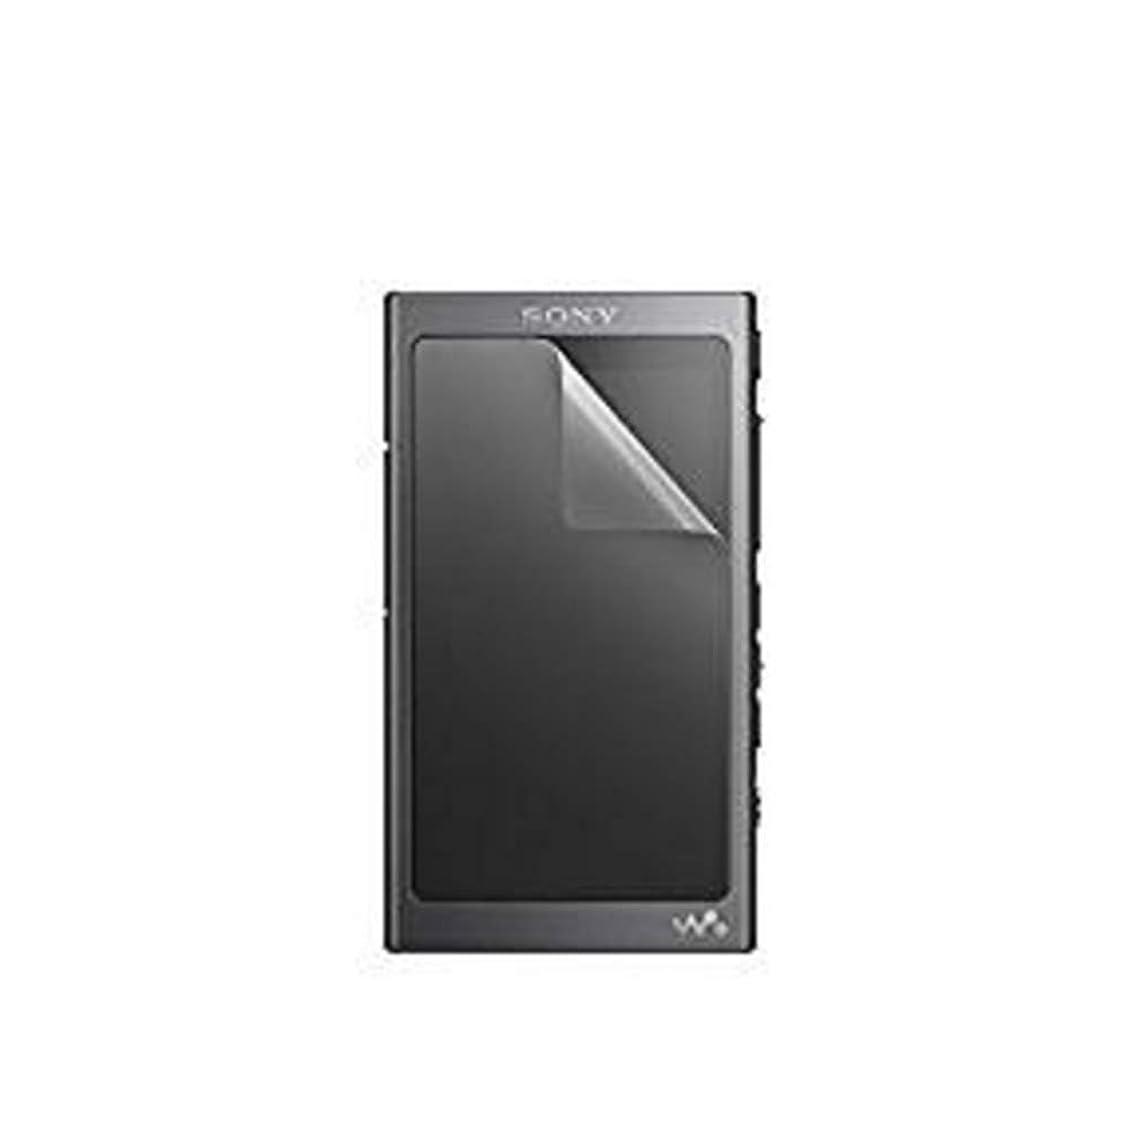 熱心なマイクロ申し込む【4枚】(ソニー) Sony Walkman NW-A40 フィルム 高透過率 超薄 耐衝撃 手触り良い HD画面 PET素材 ソニー NW-A47 / NW-A46HN / NW-A45 / NW-A45HN / NW-A40 / NW-A30 液晶保護フィルム